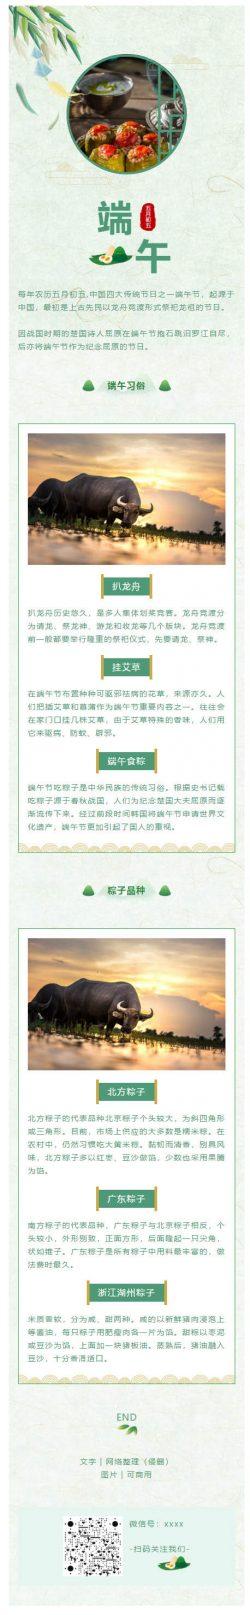 端午节绿色风格传统节日粽子微信公众号推送图文模板推文素材